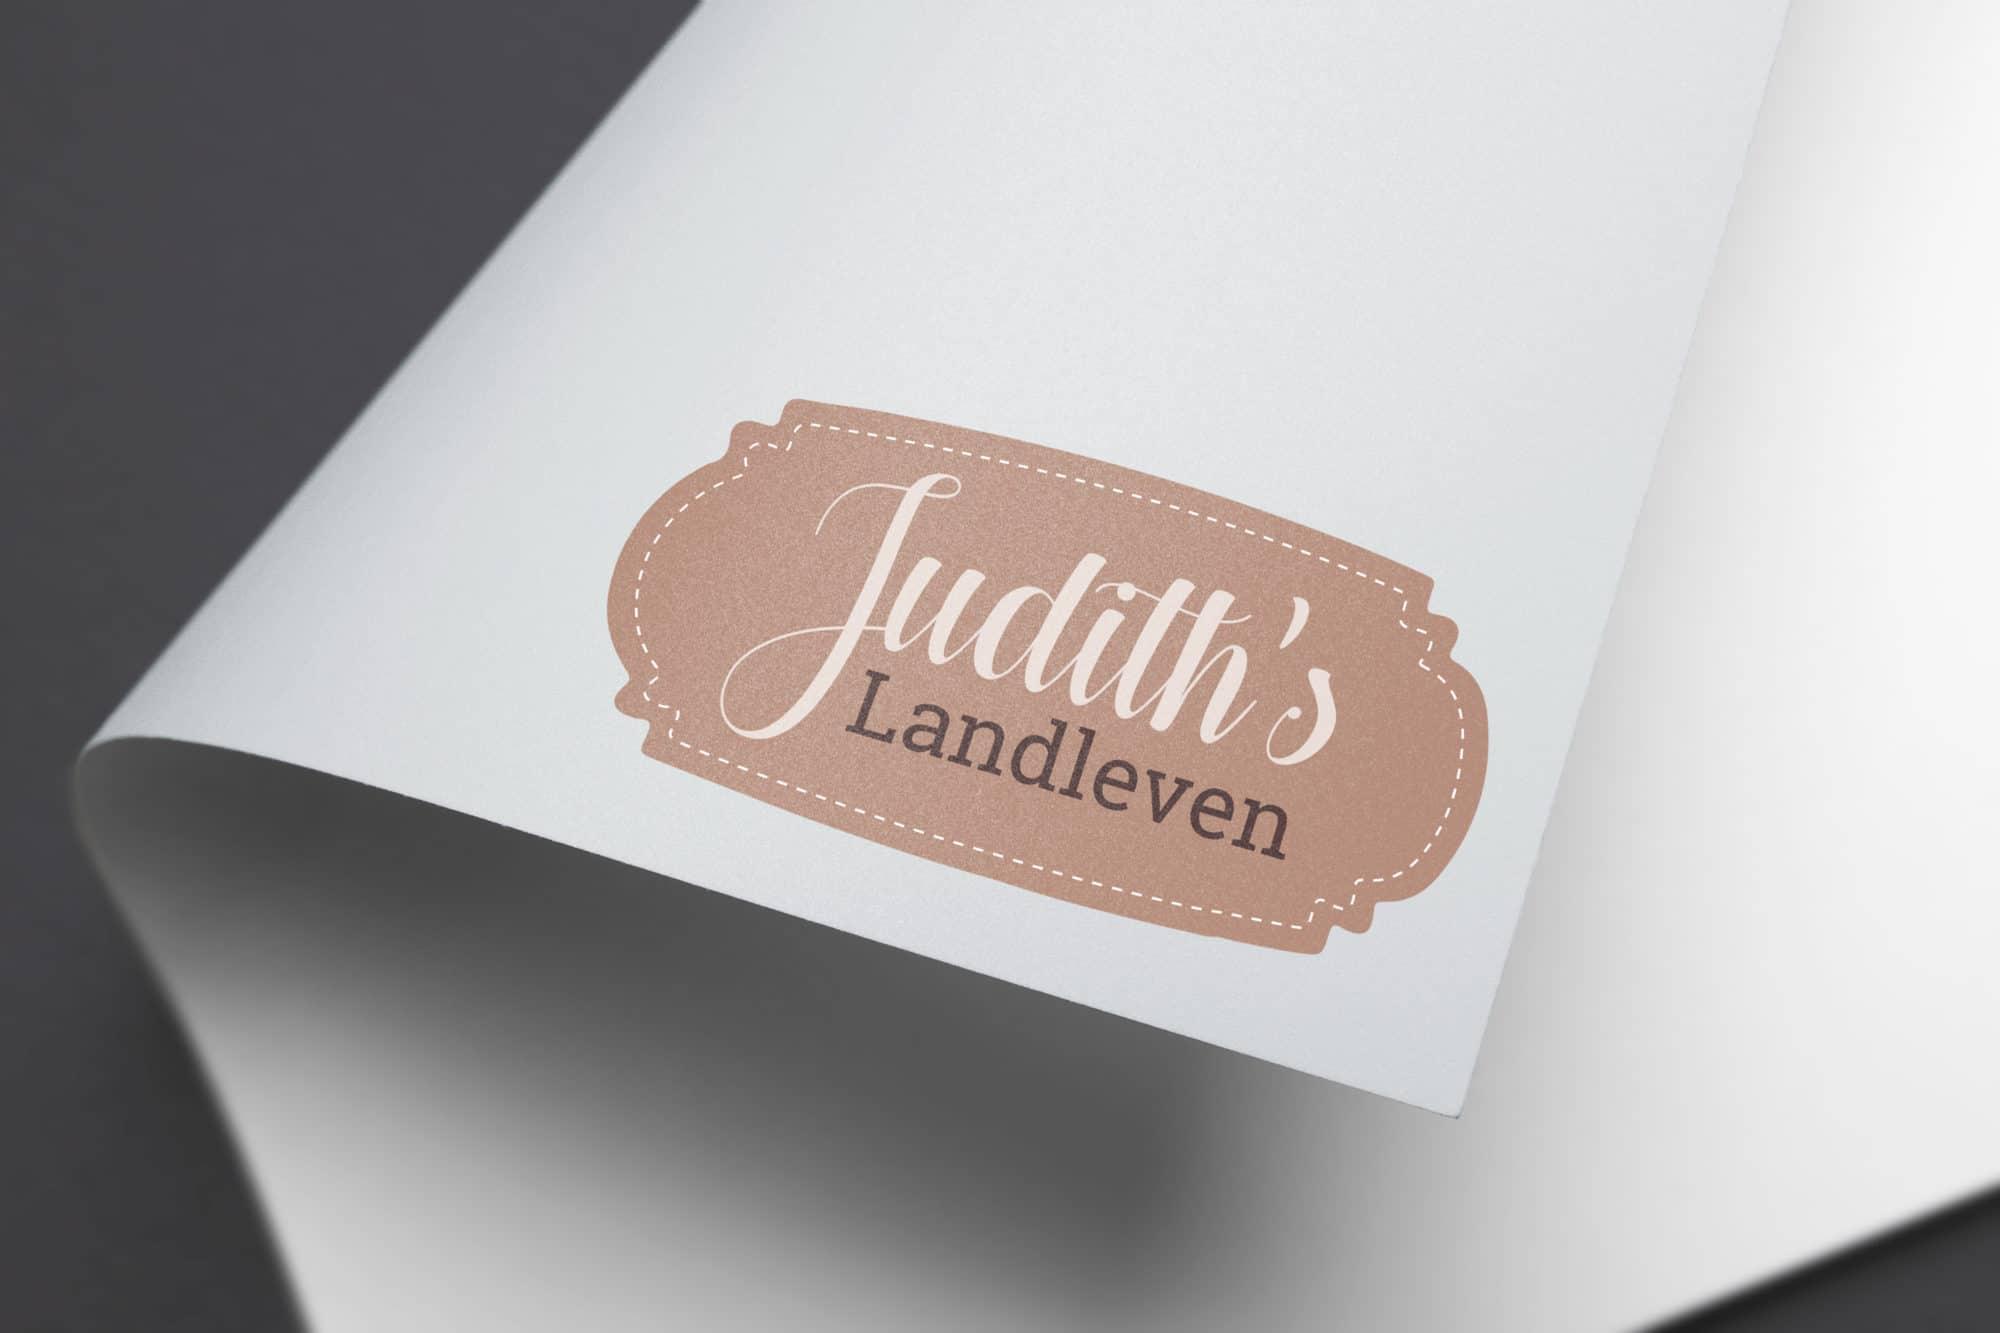 huisstijlen - Judith's Landleven